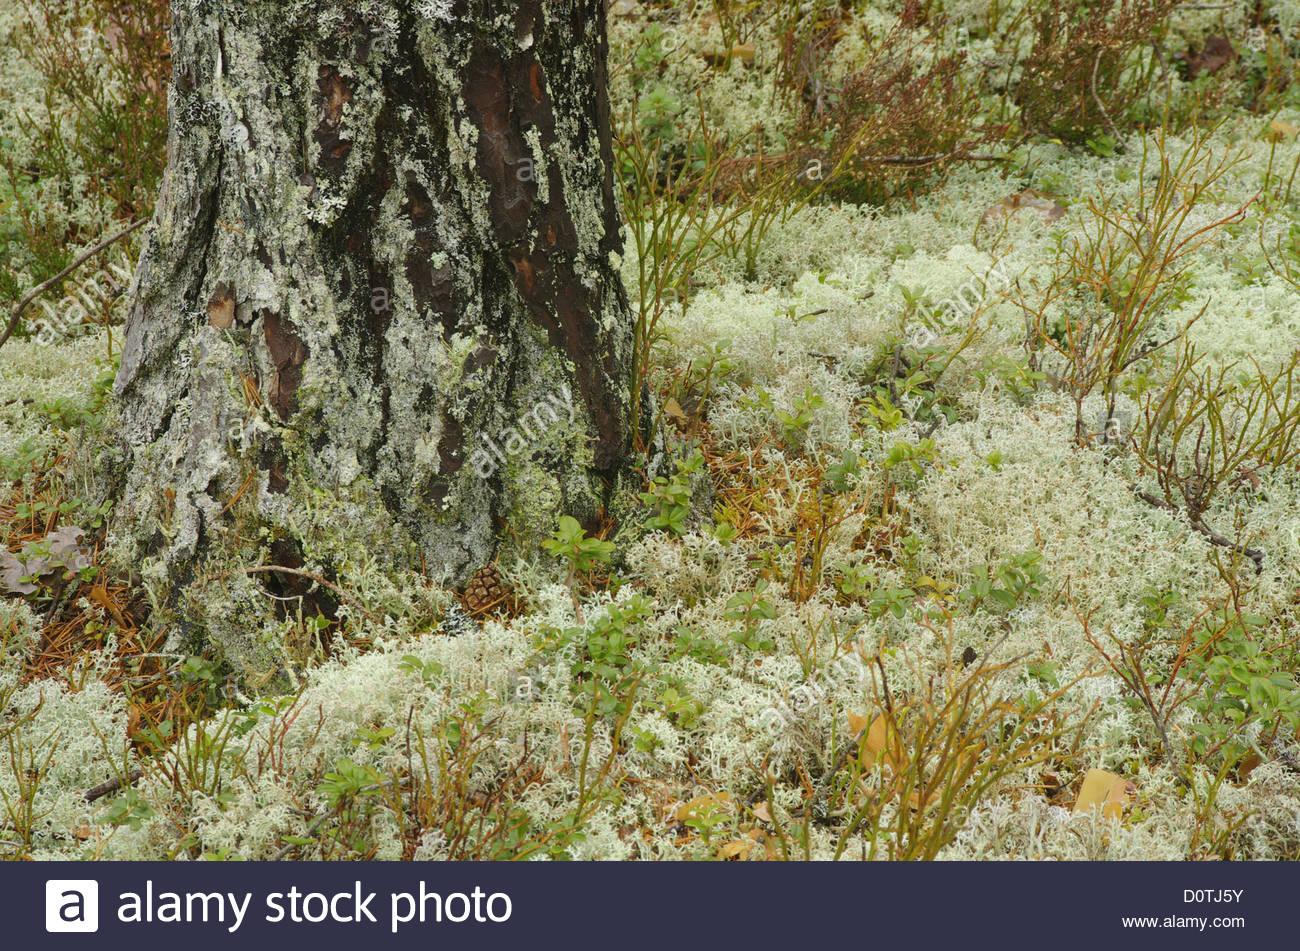 Europe, Sweden, Hamra, landscapes, forest, enchanted forest - Stock Image